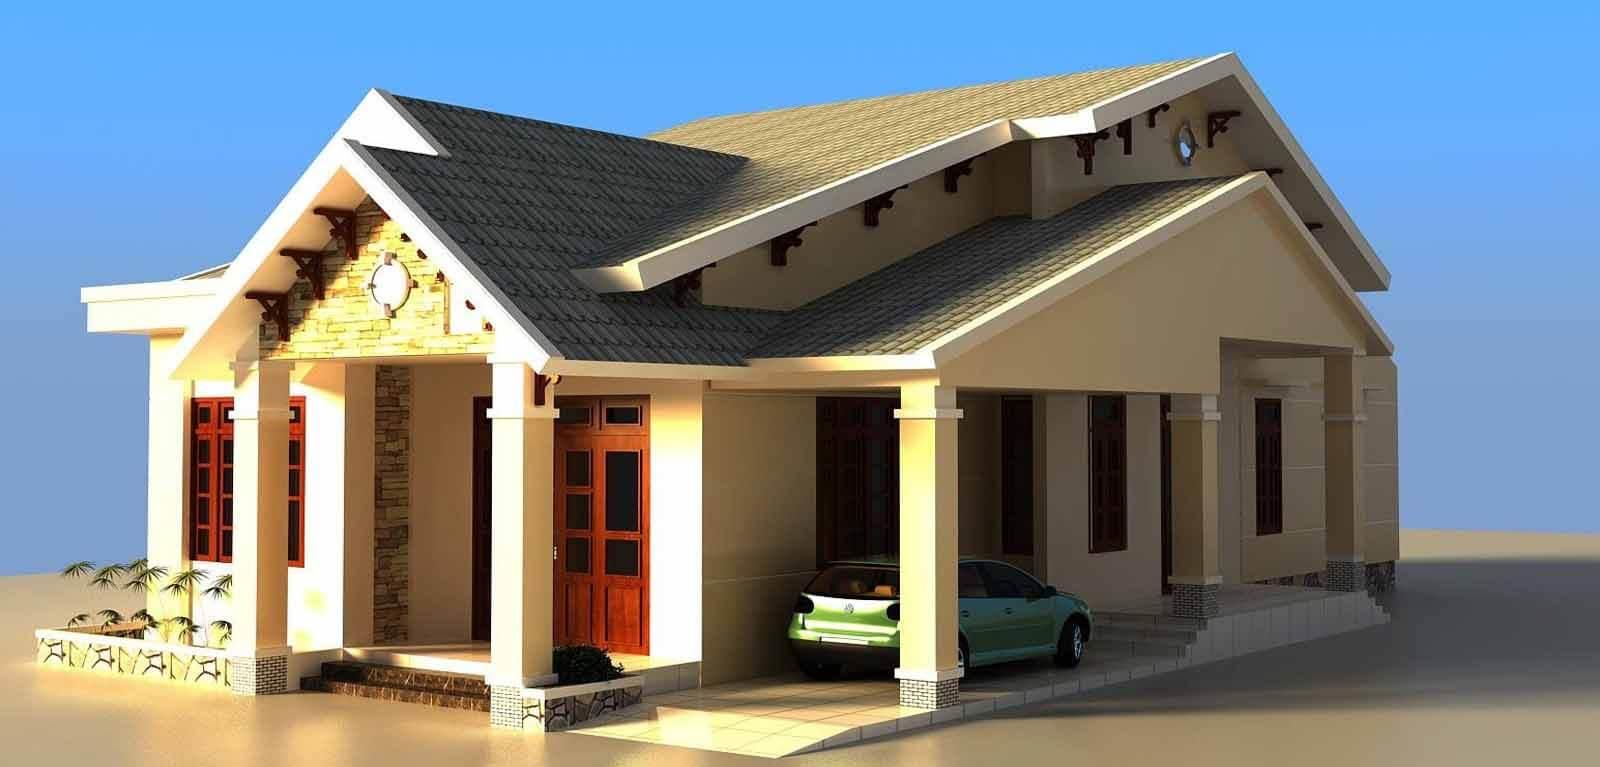 Kiến trúc nhà đẹp 1 tầng - Mẫu 2